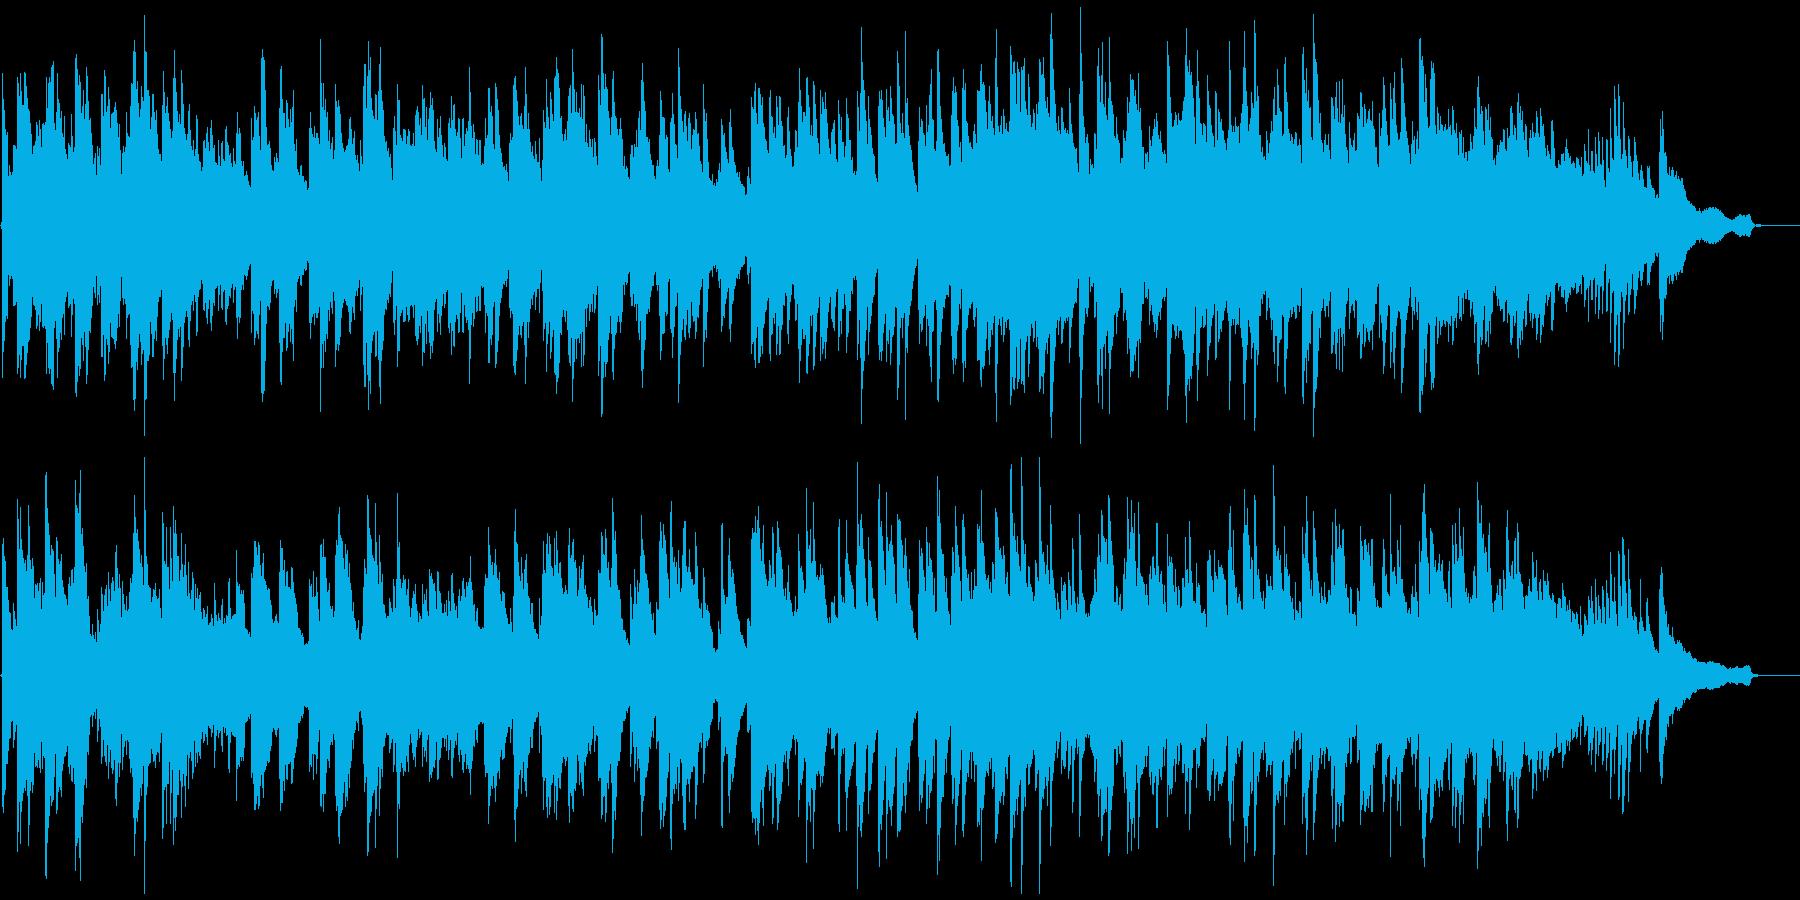 前抜きな明るいピアノソロの再生済みの波形